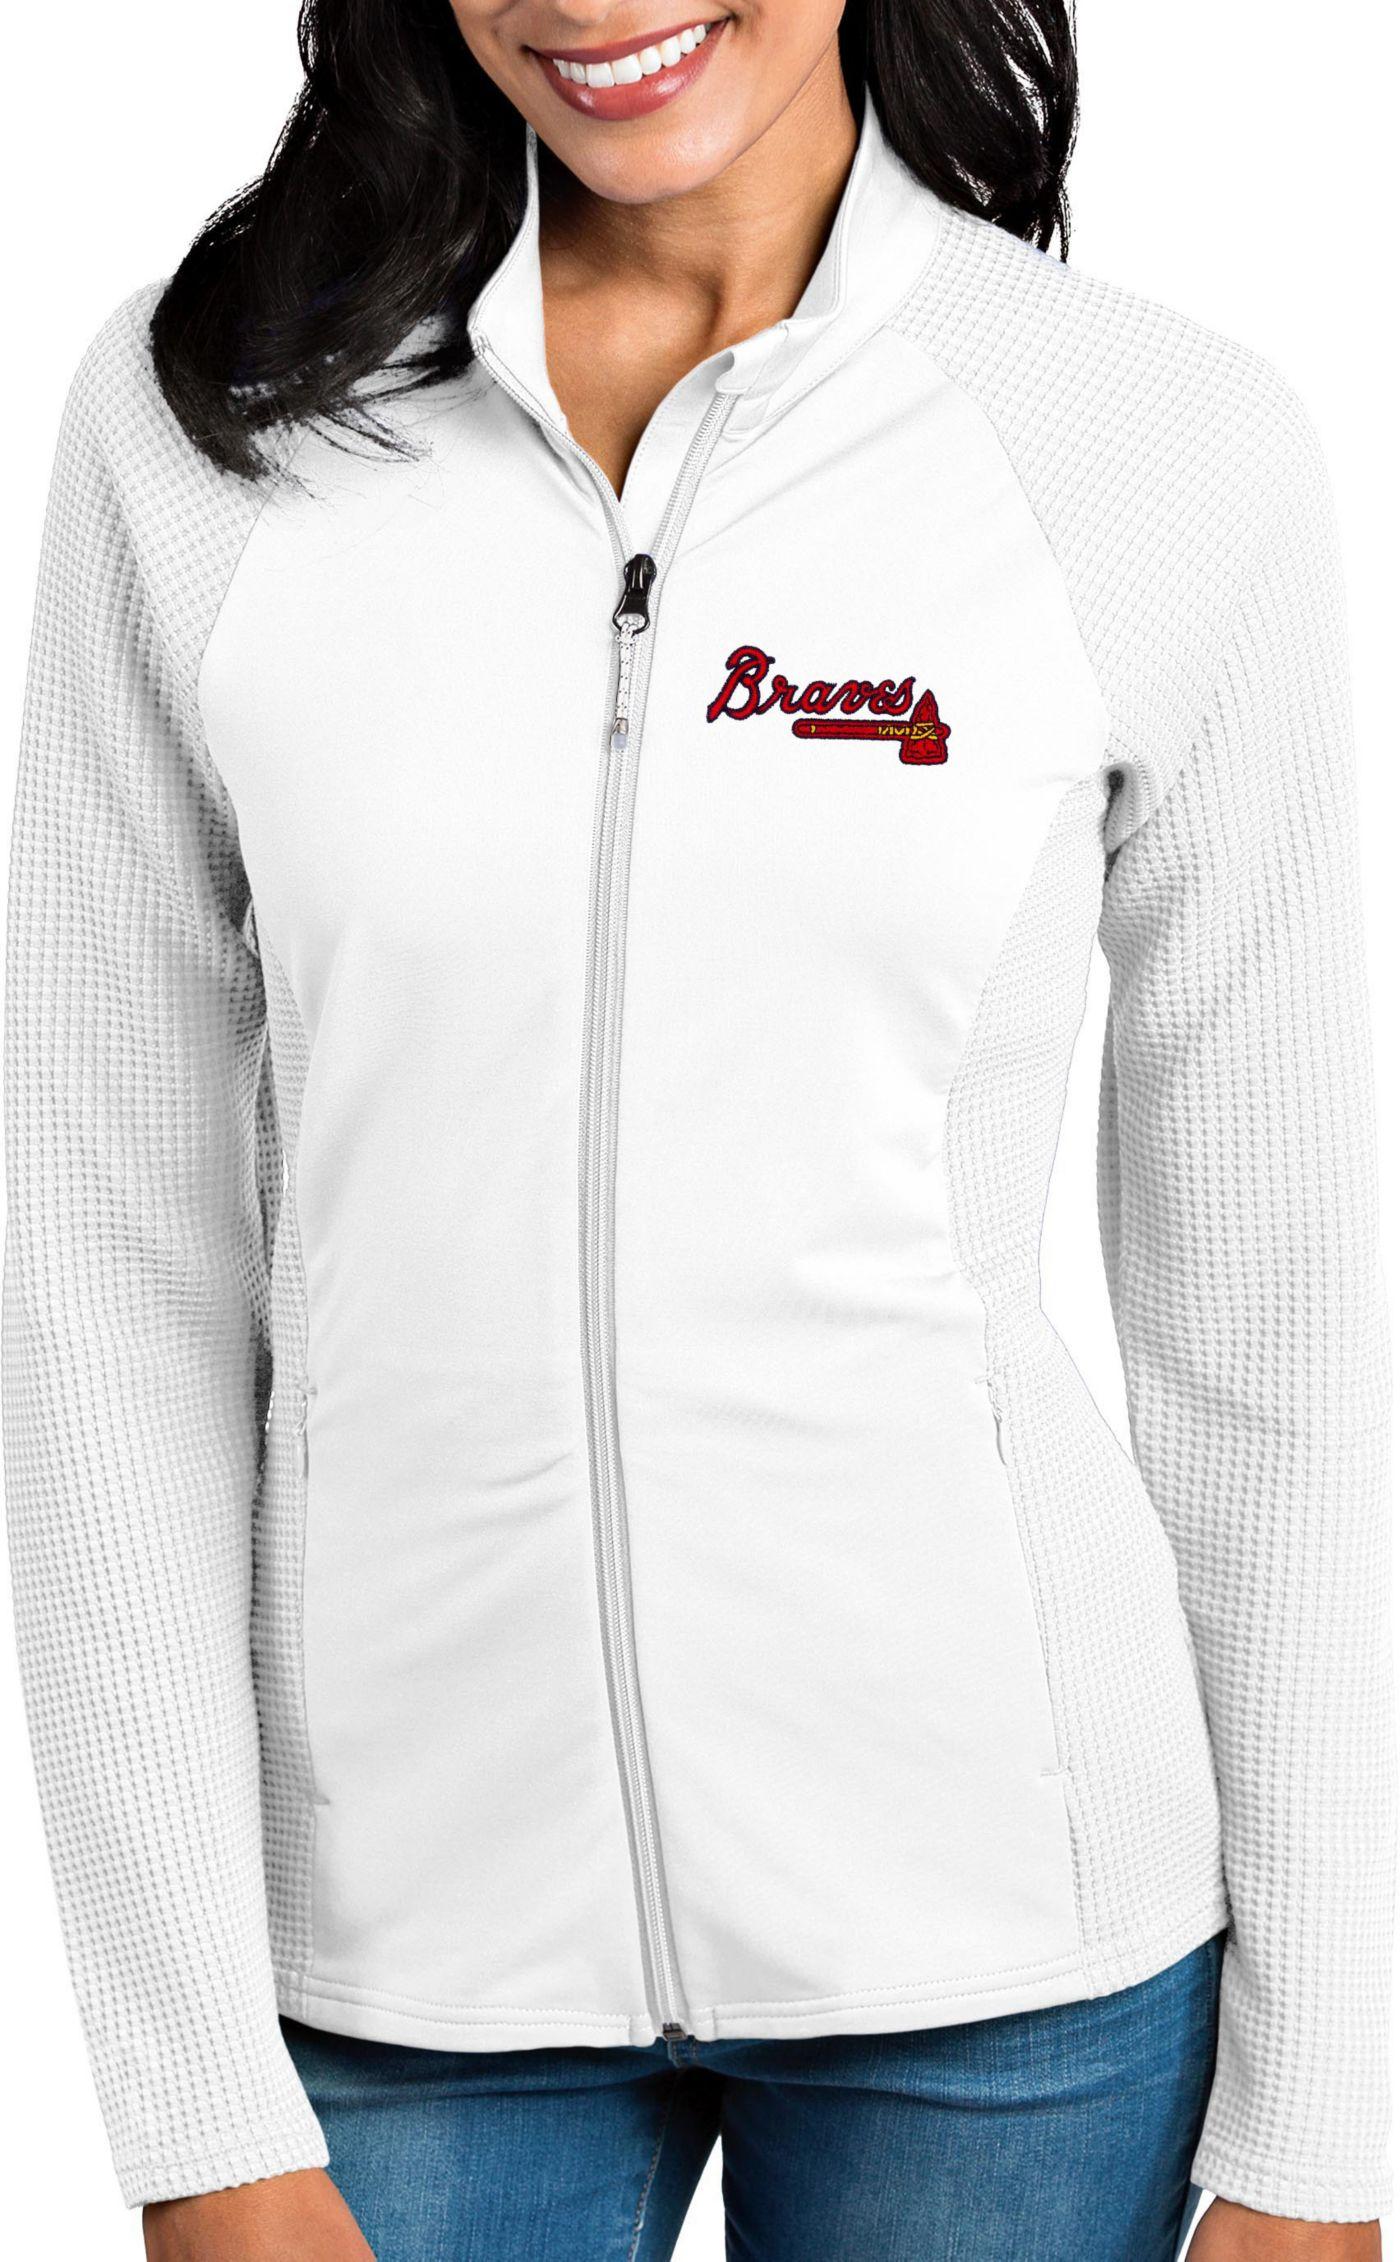 Antigua Women's Atlanta Braves White Sonar Performance Quarter-Zip Pullover